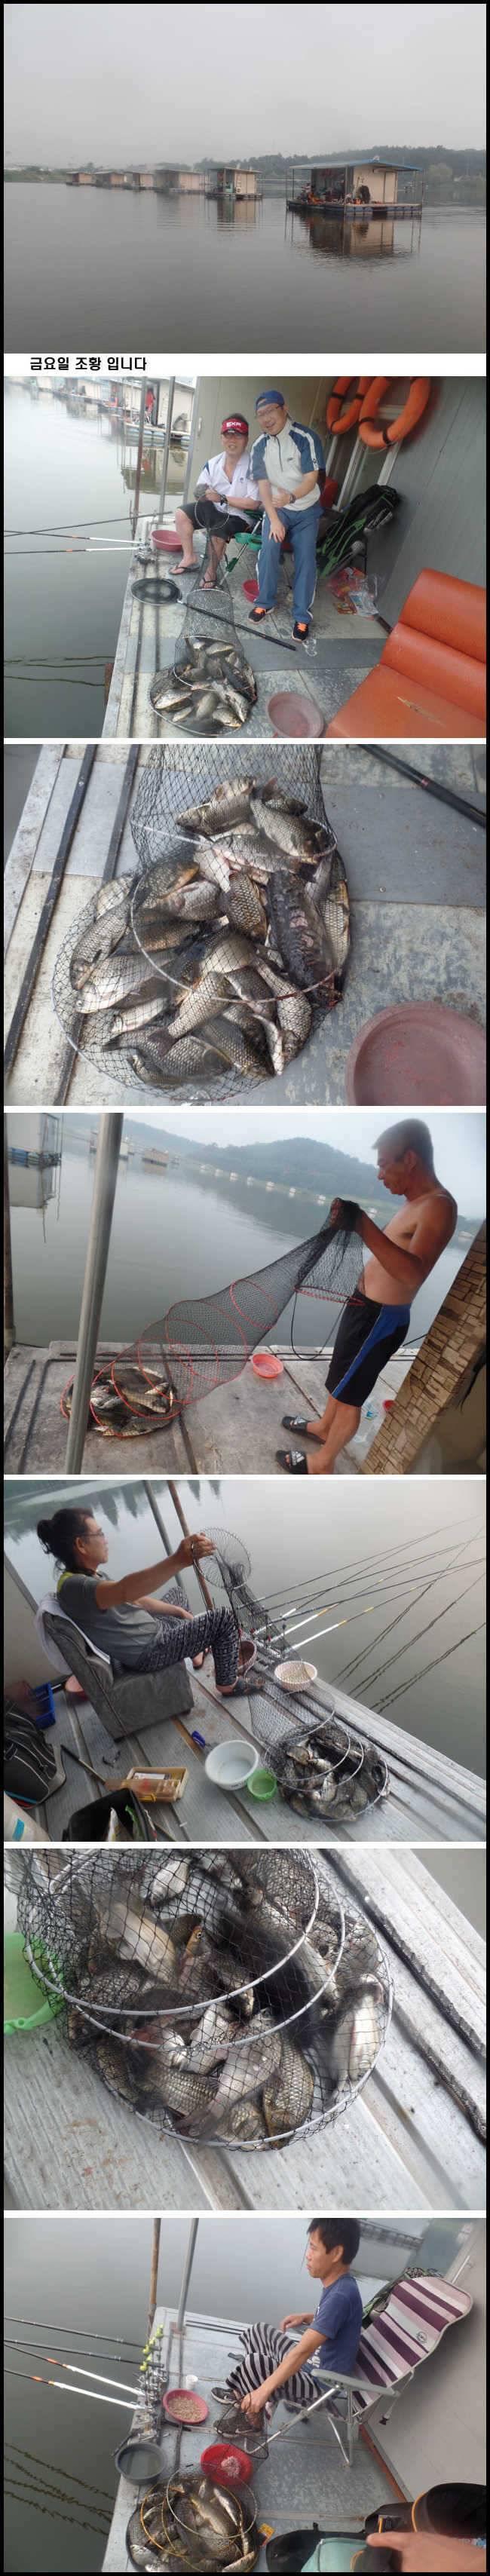 fish_pay_10582136.jpg